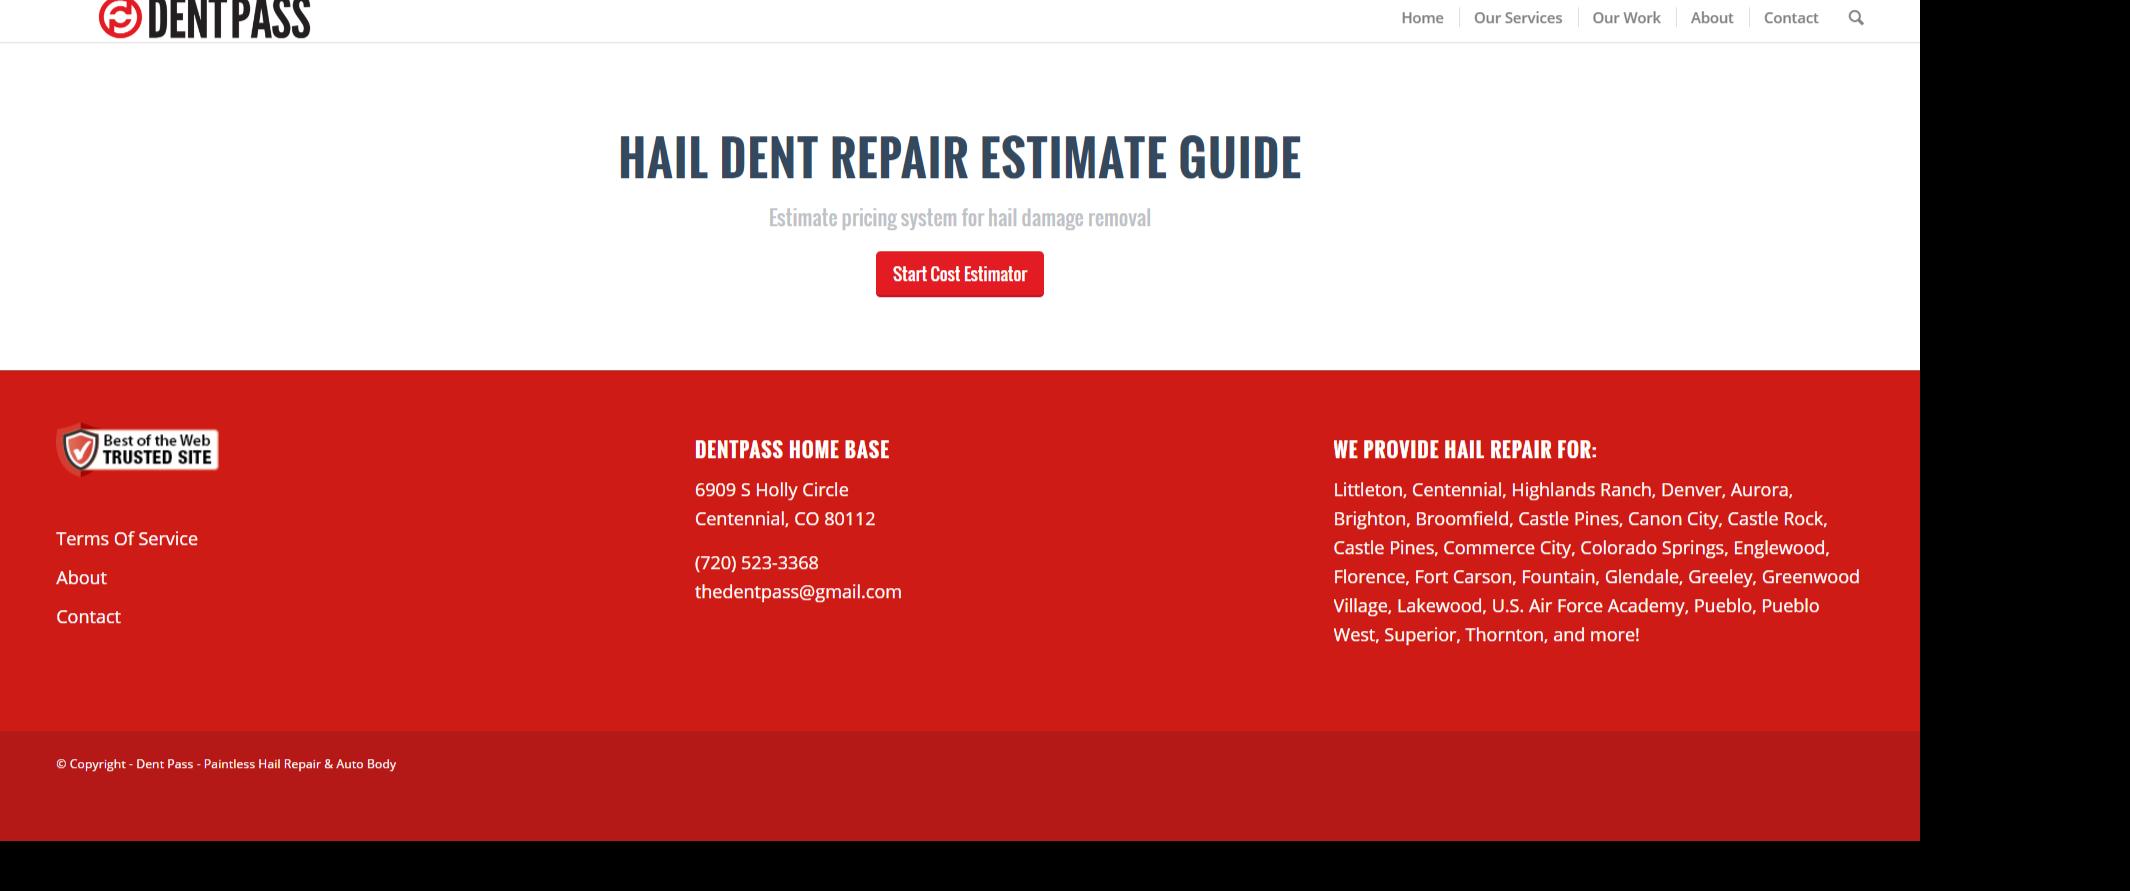 hail damage repair cost per dent